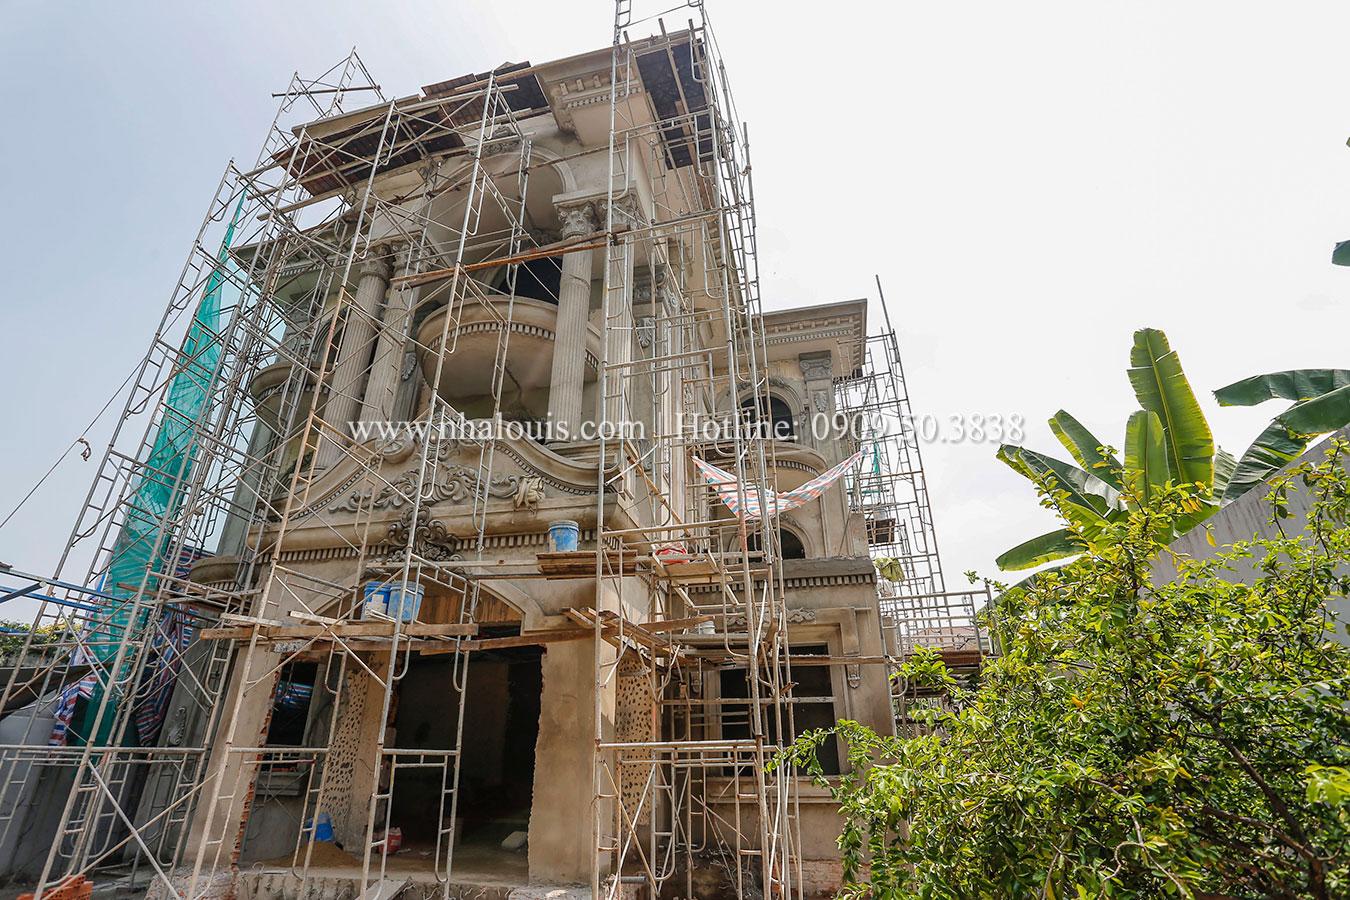 Thi công cải tạo biệt thự 3 tầng cổ điển đẳng cấp tại Bình Chánh